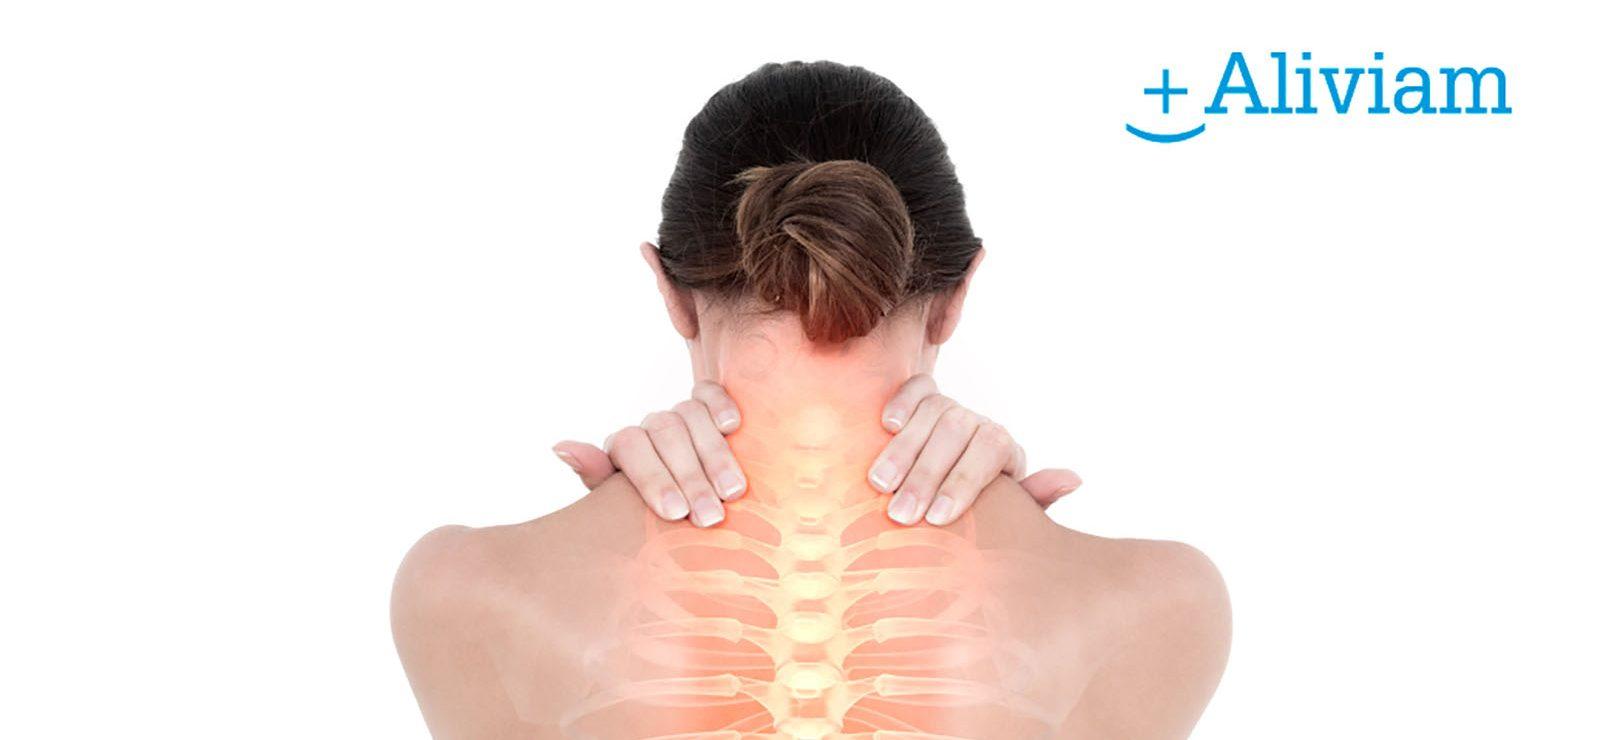 Ejercicios para relajar la tensión de tu espalda sin salir de casa